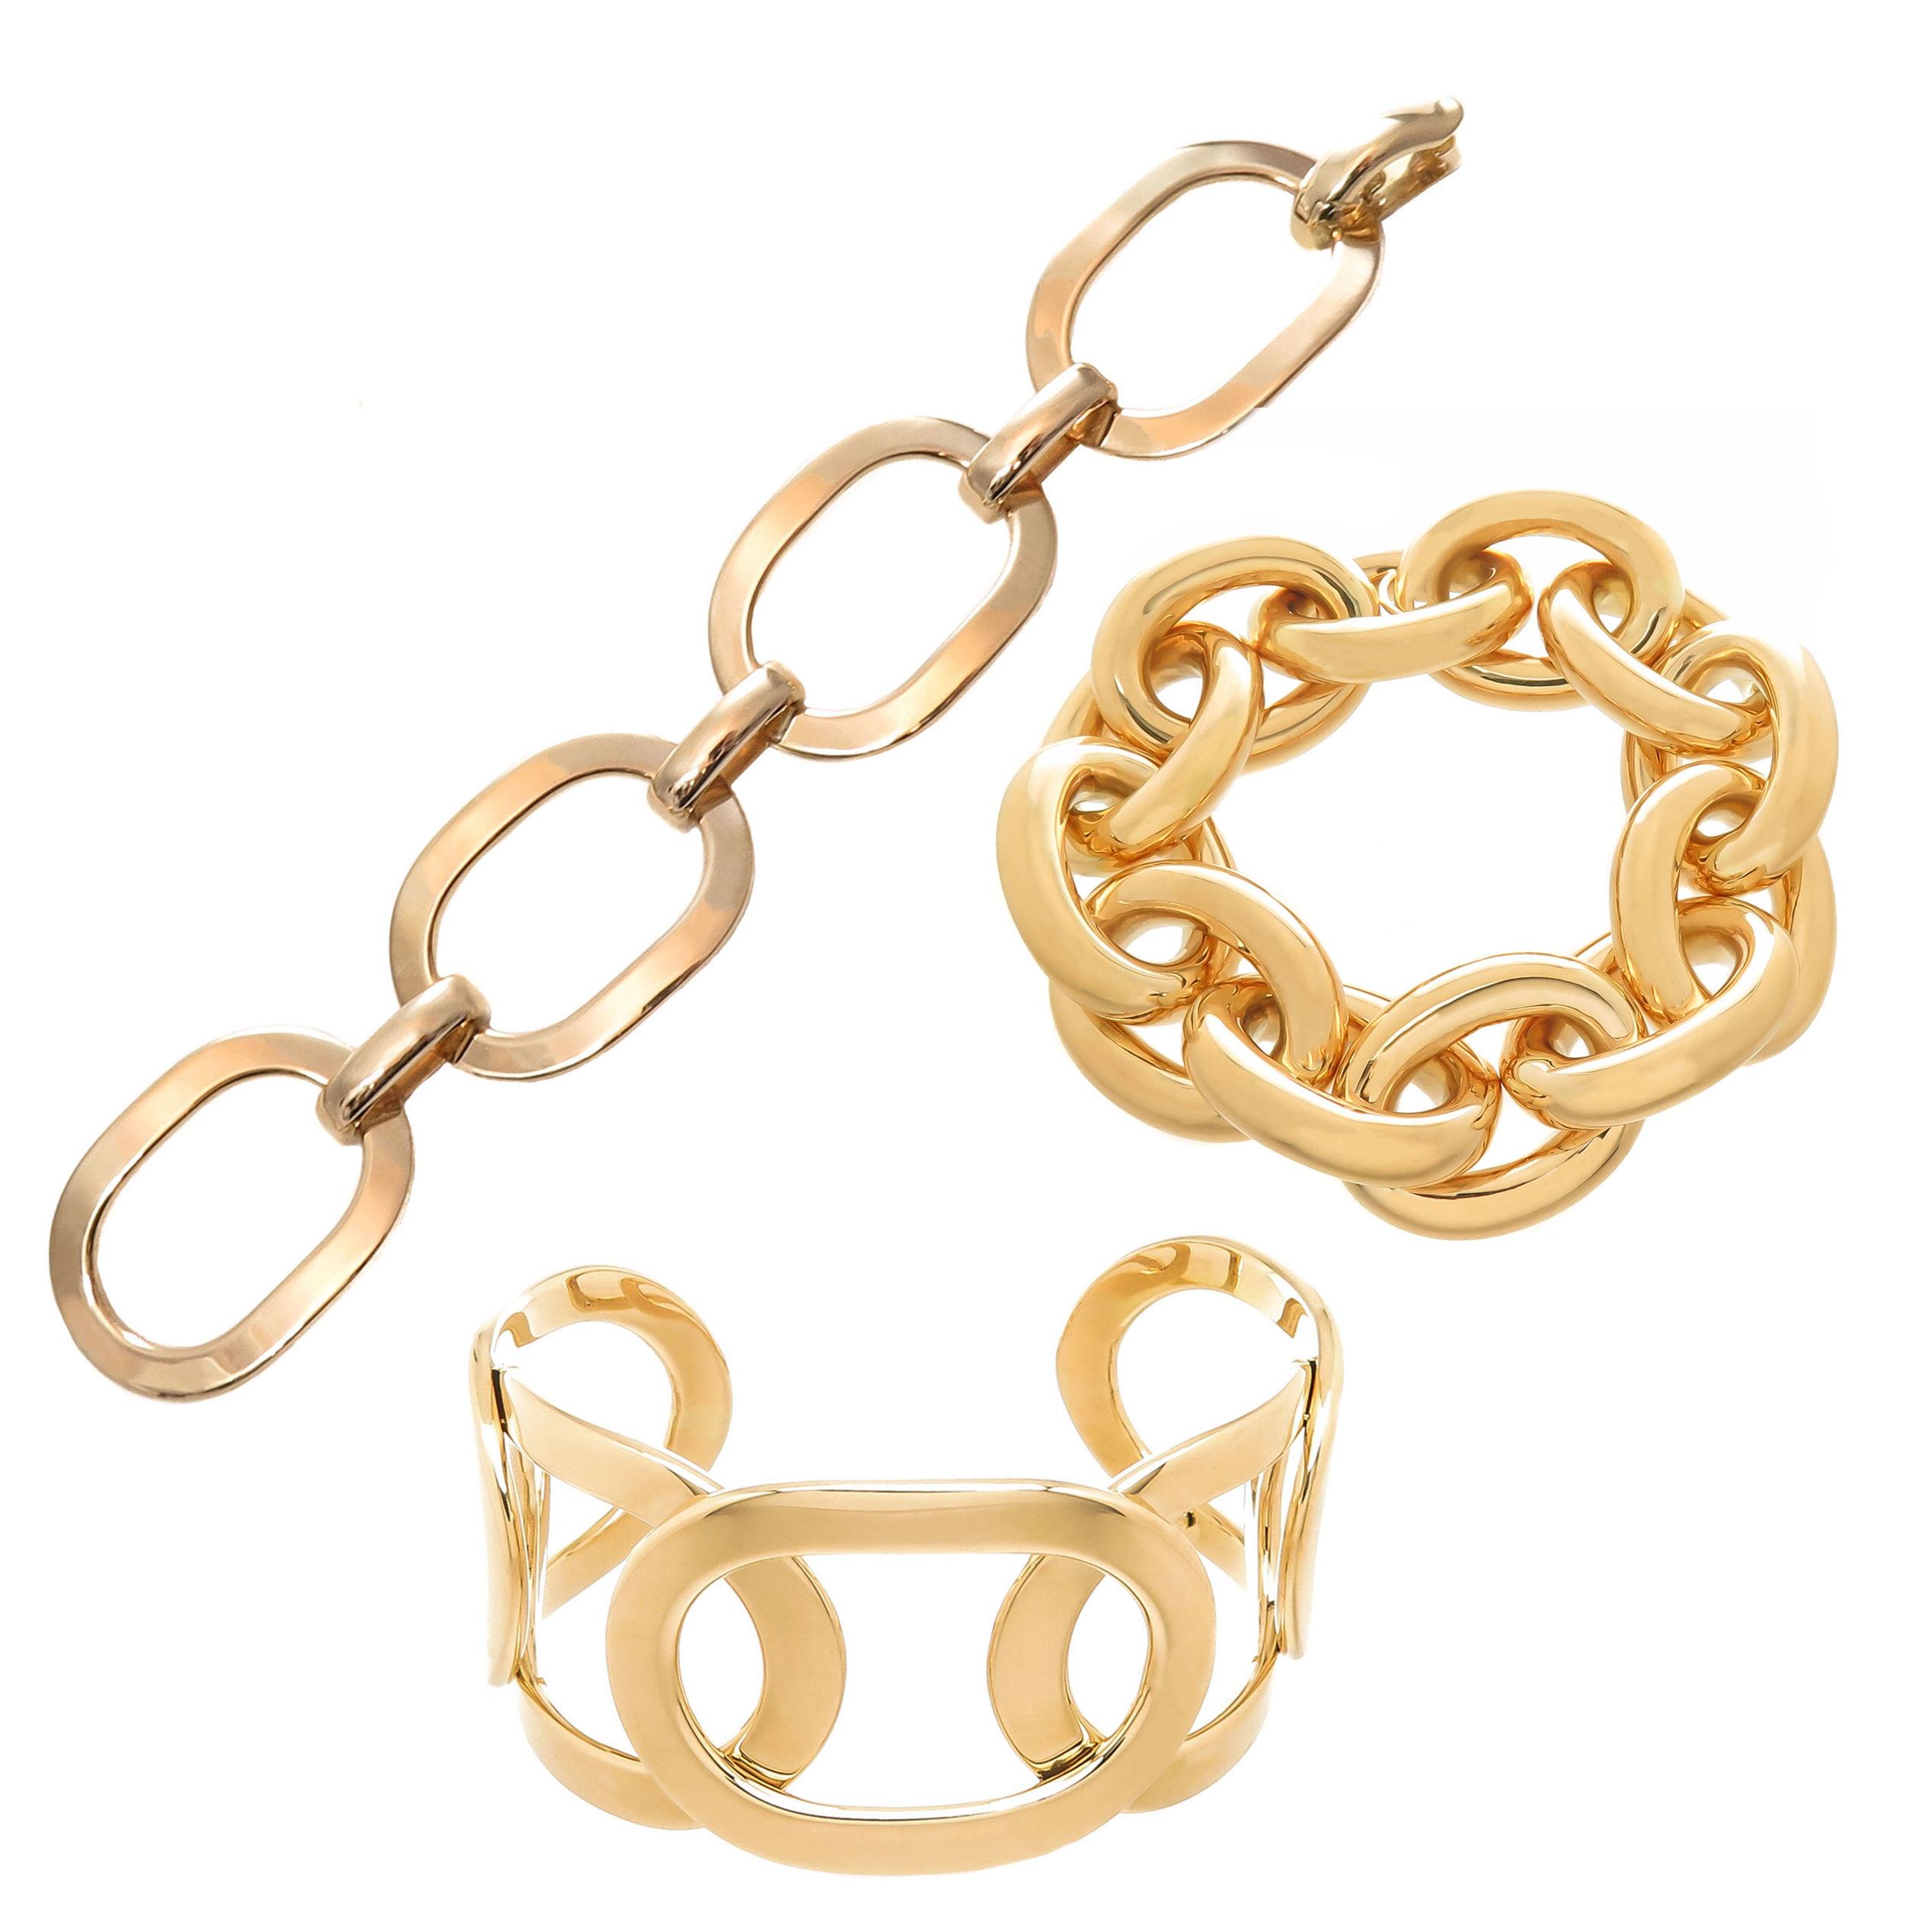 Diana-Rodi-Hall-gold-bracelets.jpg